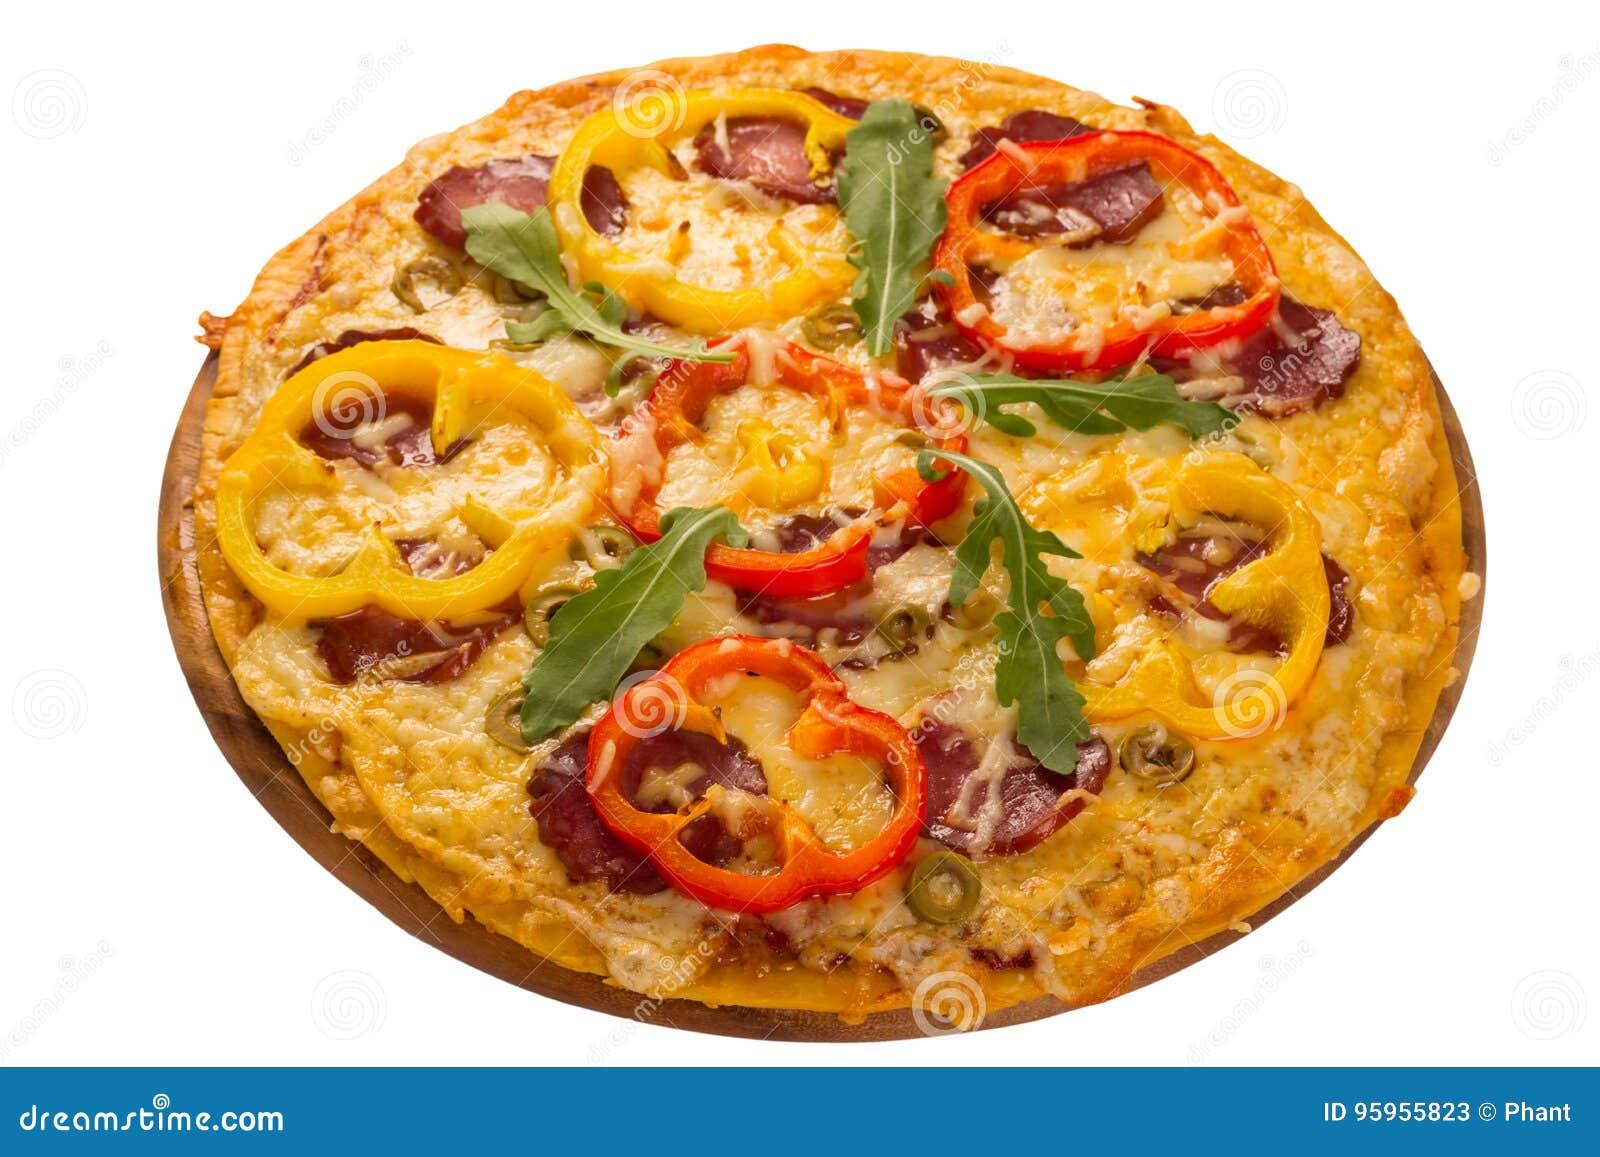 Pizza gedient auf hölzerner Platte